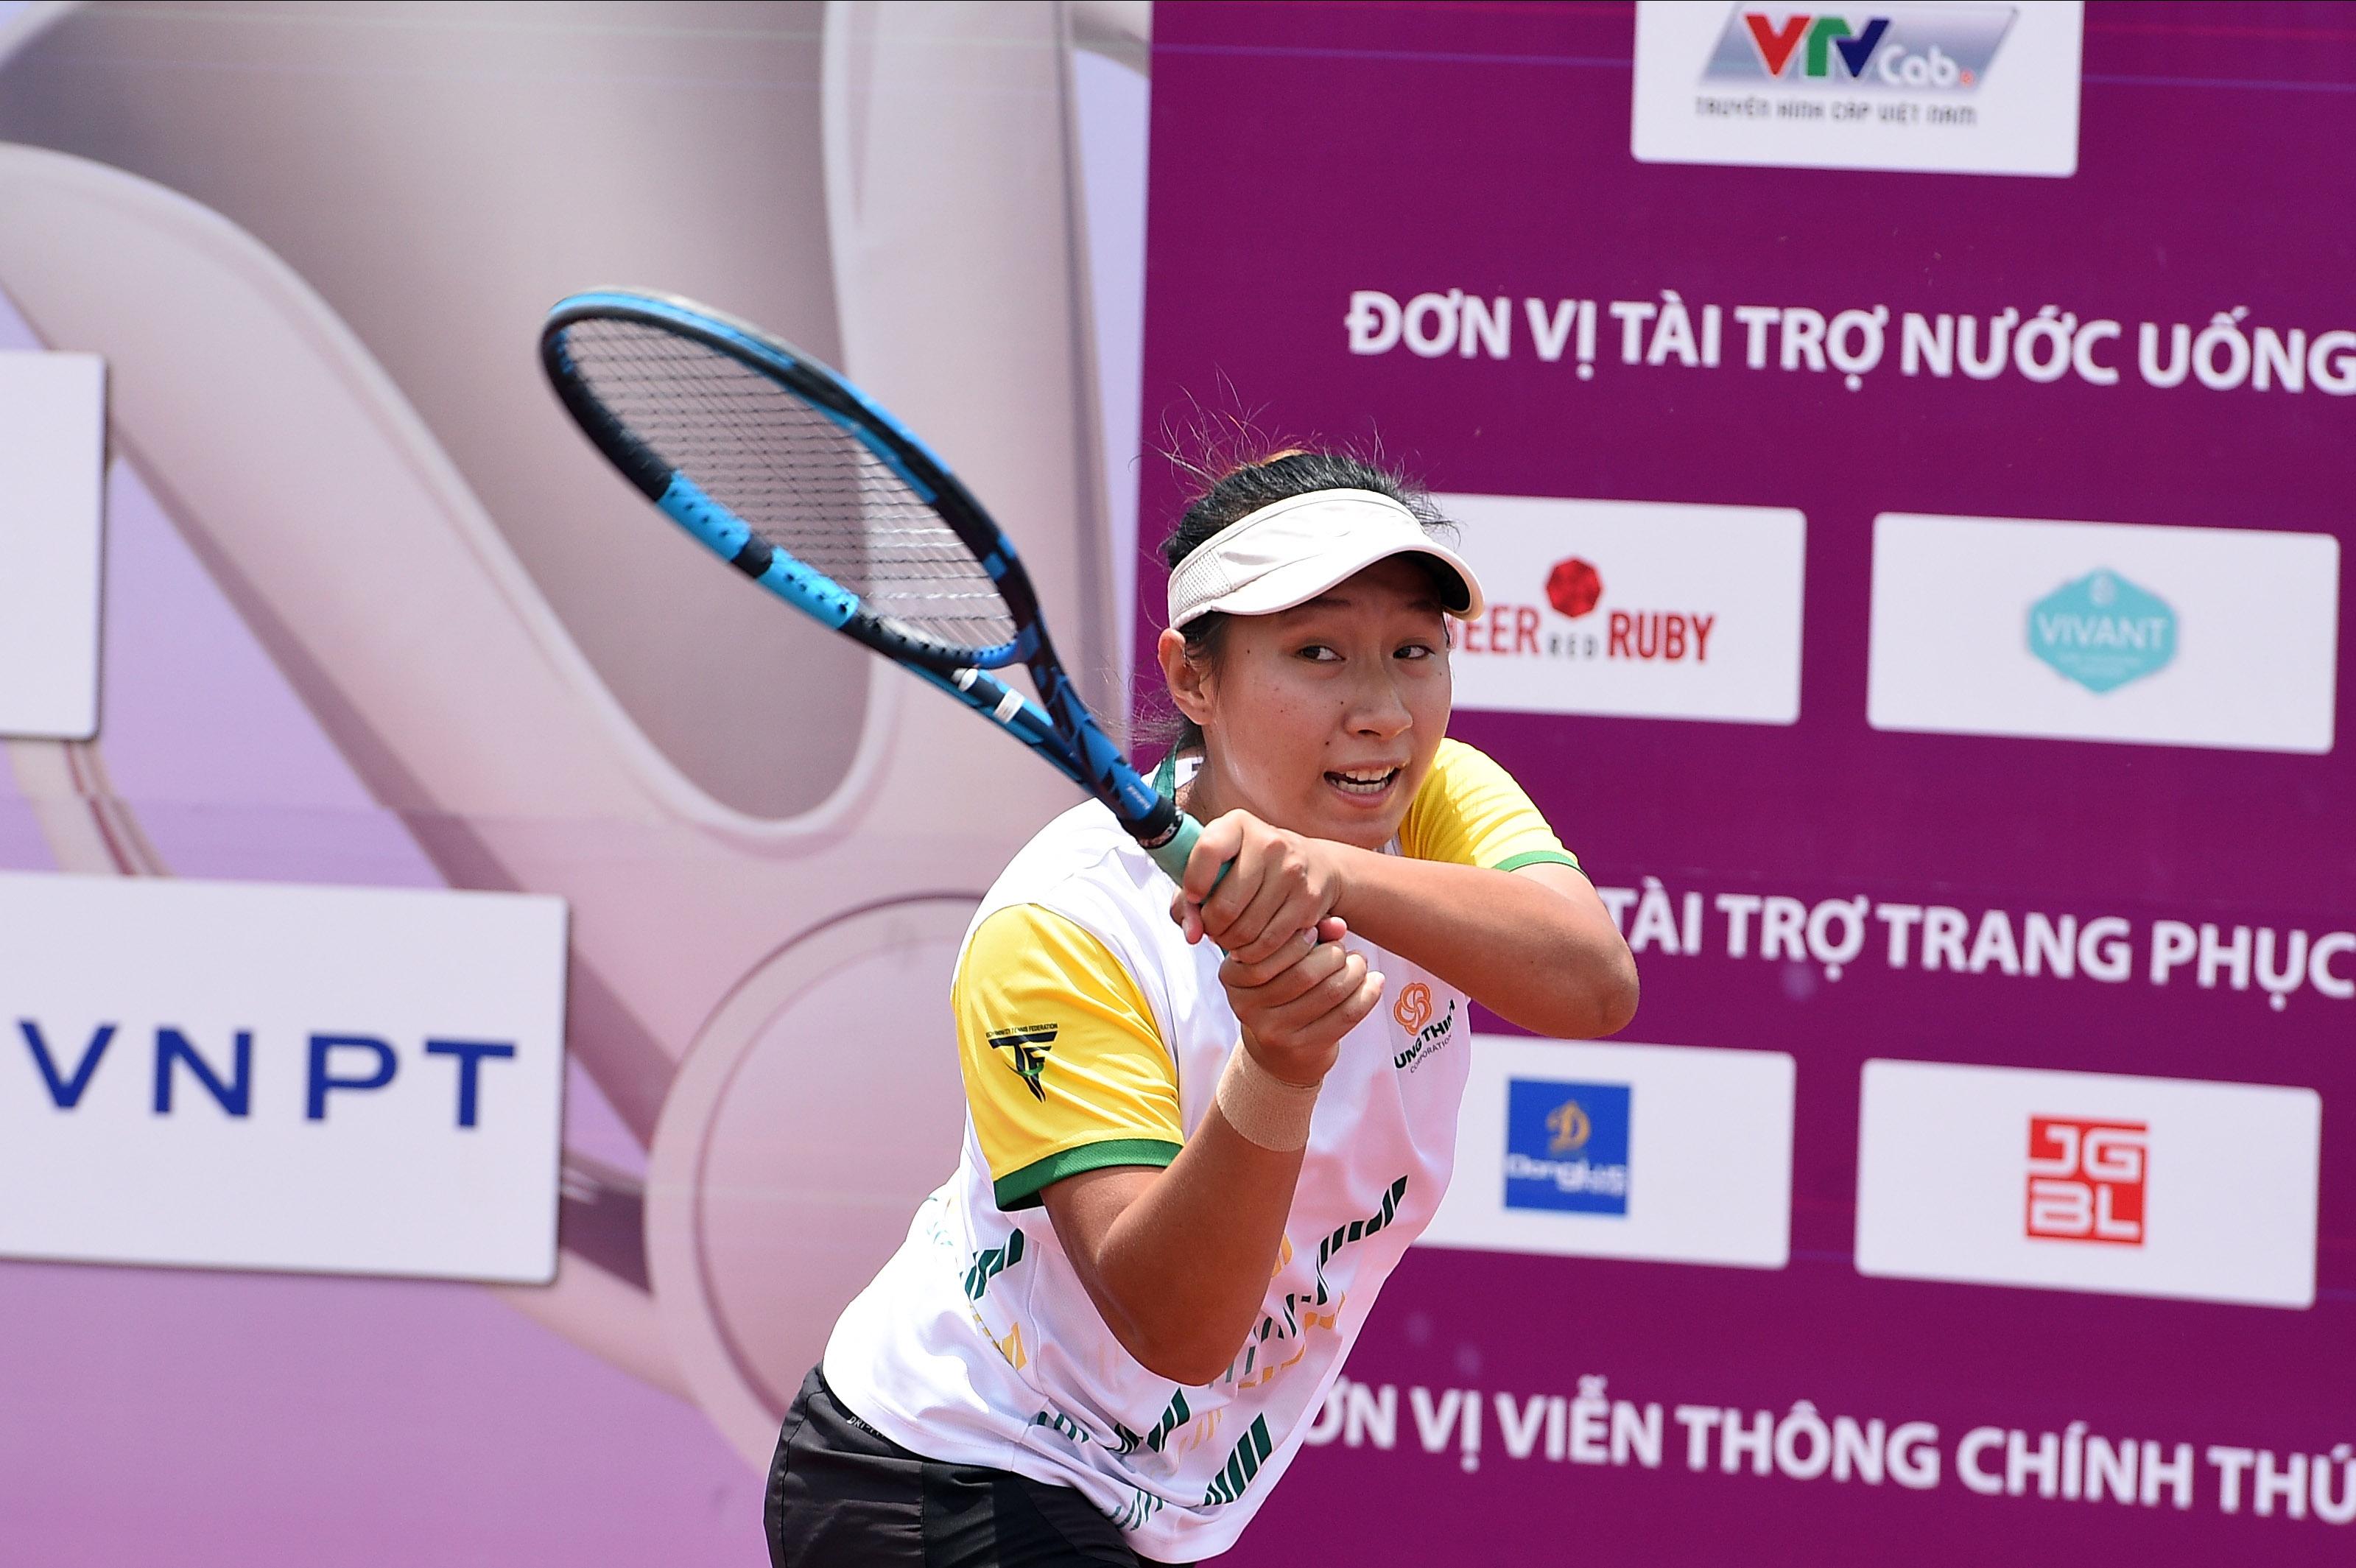 Hình ảnh: Nữ Hưng Thịnh TP.HCM đăng quang Giải quần vợt vô địch đồng đội Quốc gia 2021 số 2